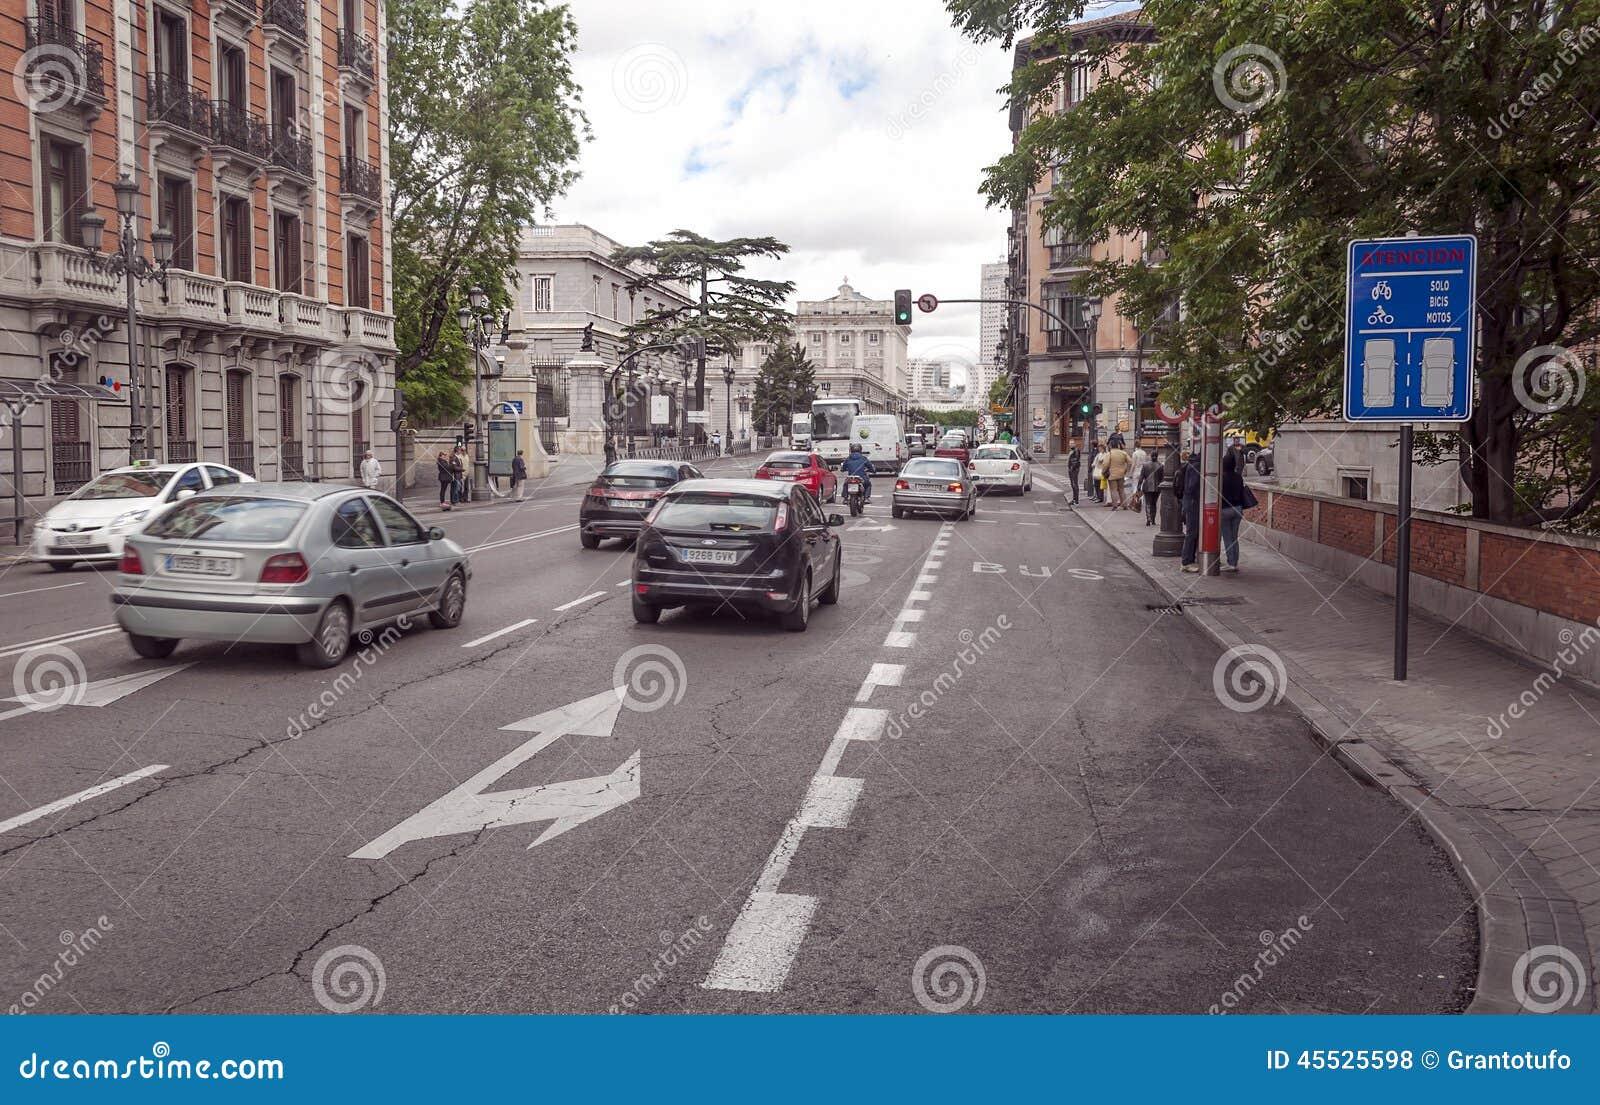 Gente que camina abajo de una calle de las compras